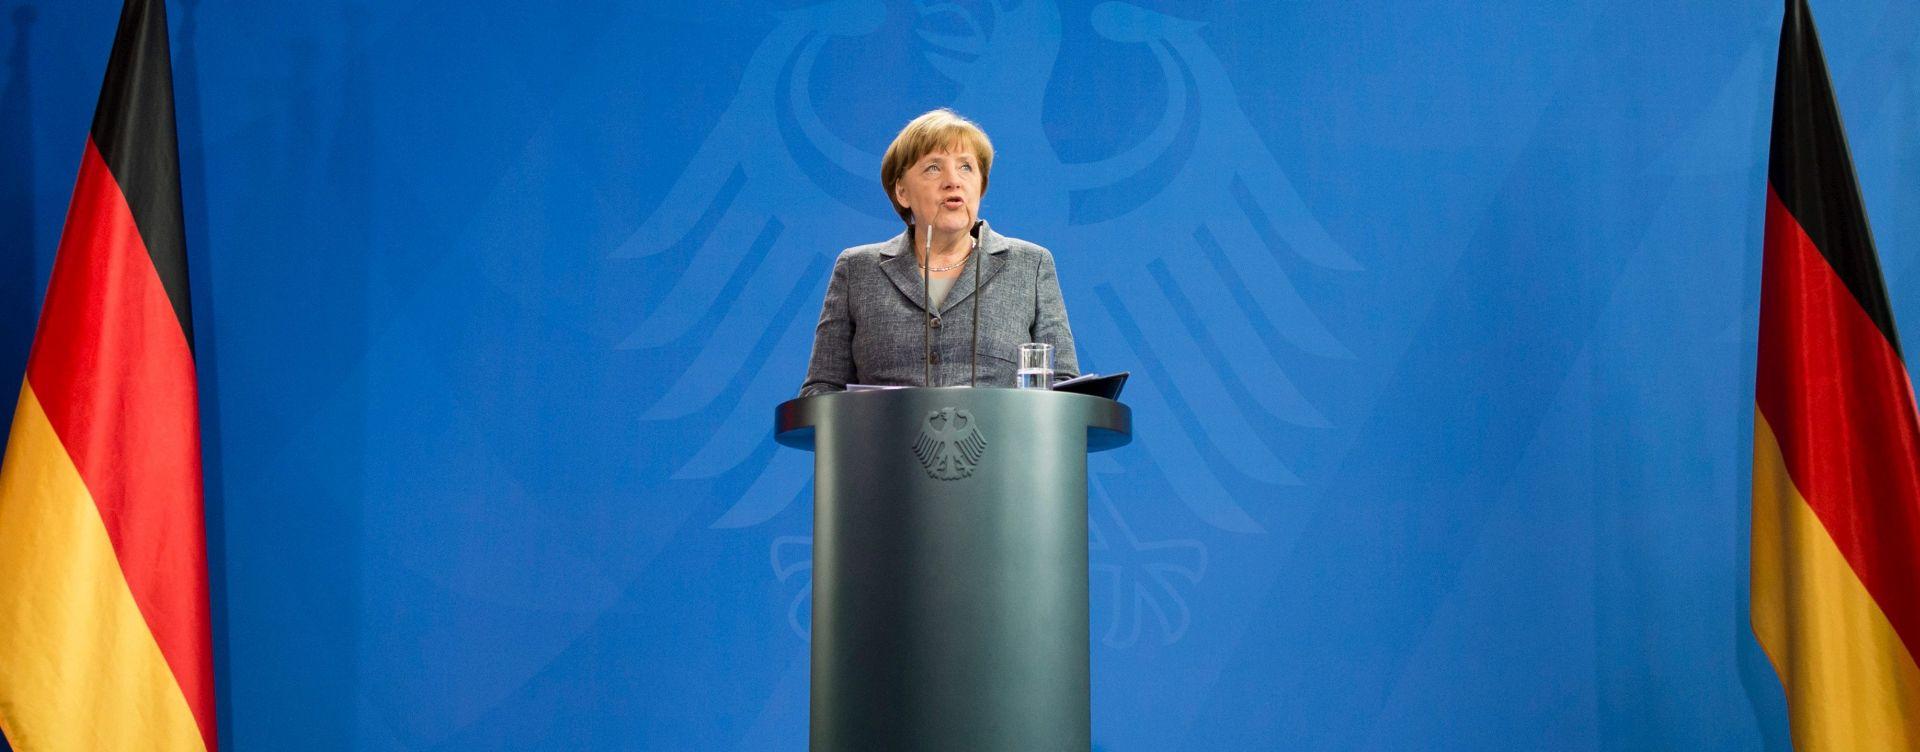 Turska: Merkel i Tusk pokušavaju ublažiti napetosti oko sporazuma Bruxellesa i Ankare